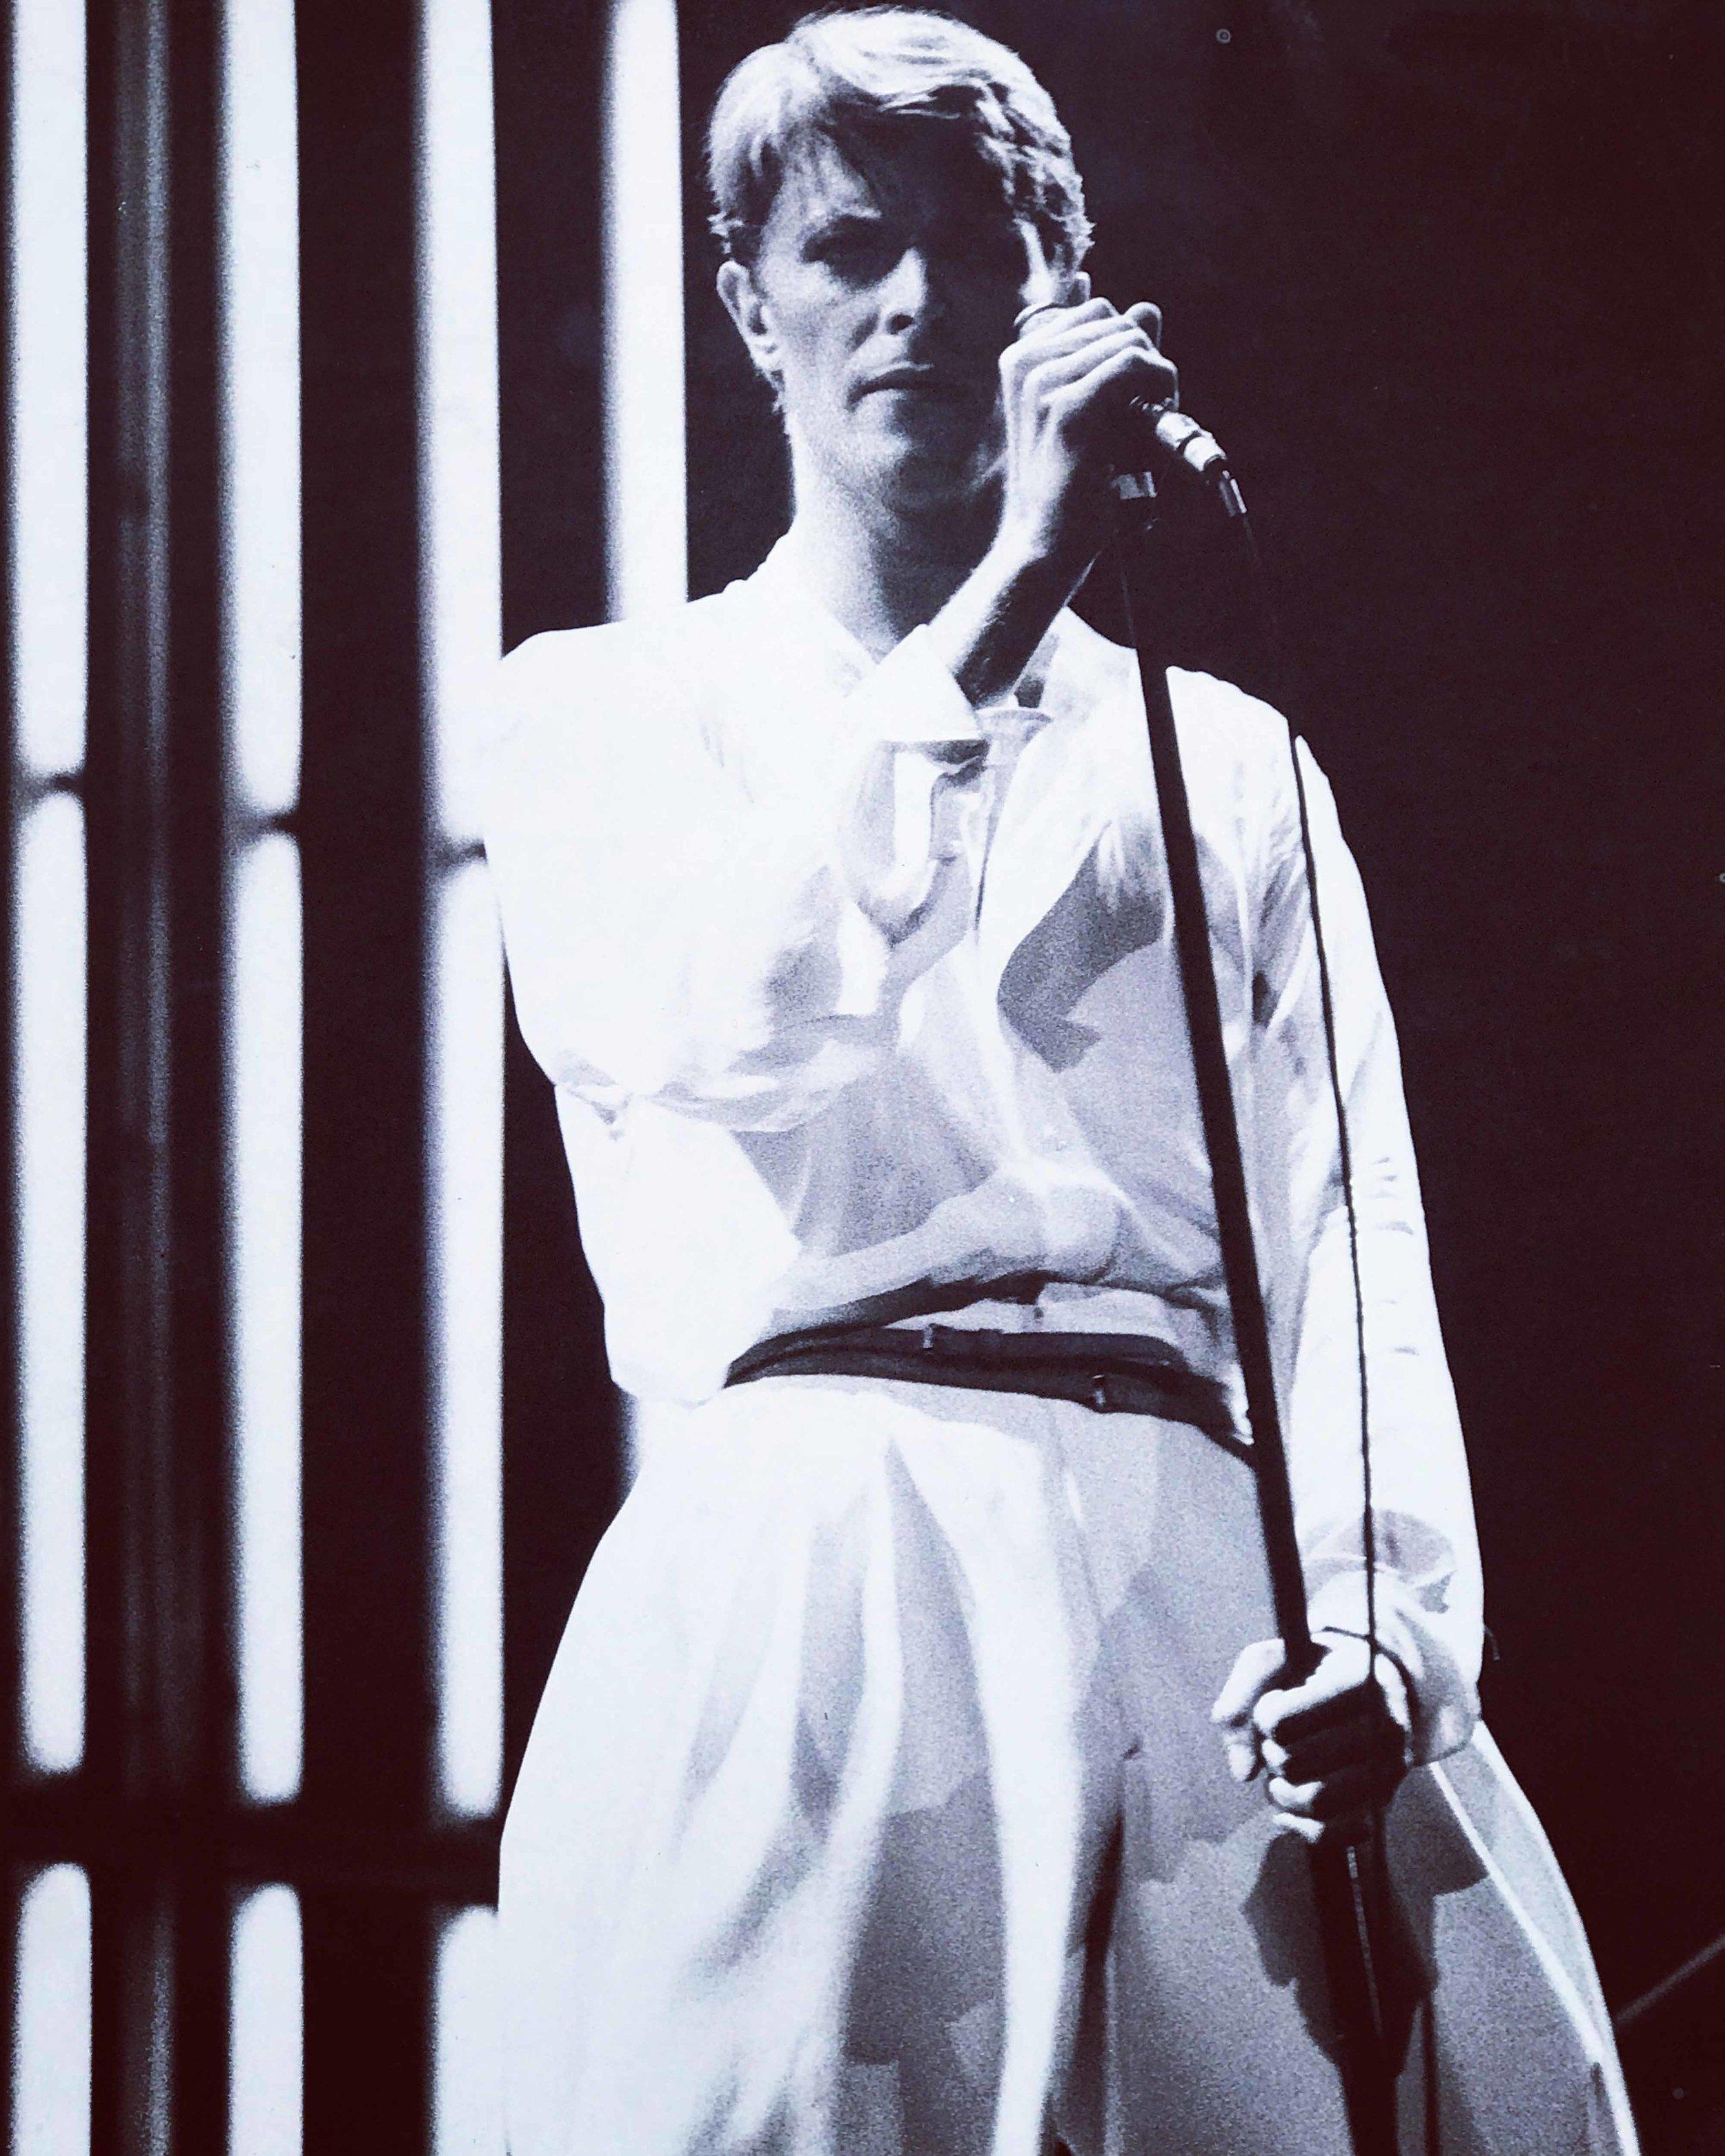 Bowie-Isolar11-tourNW.jpg